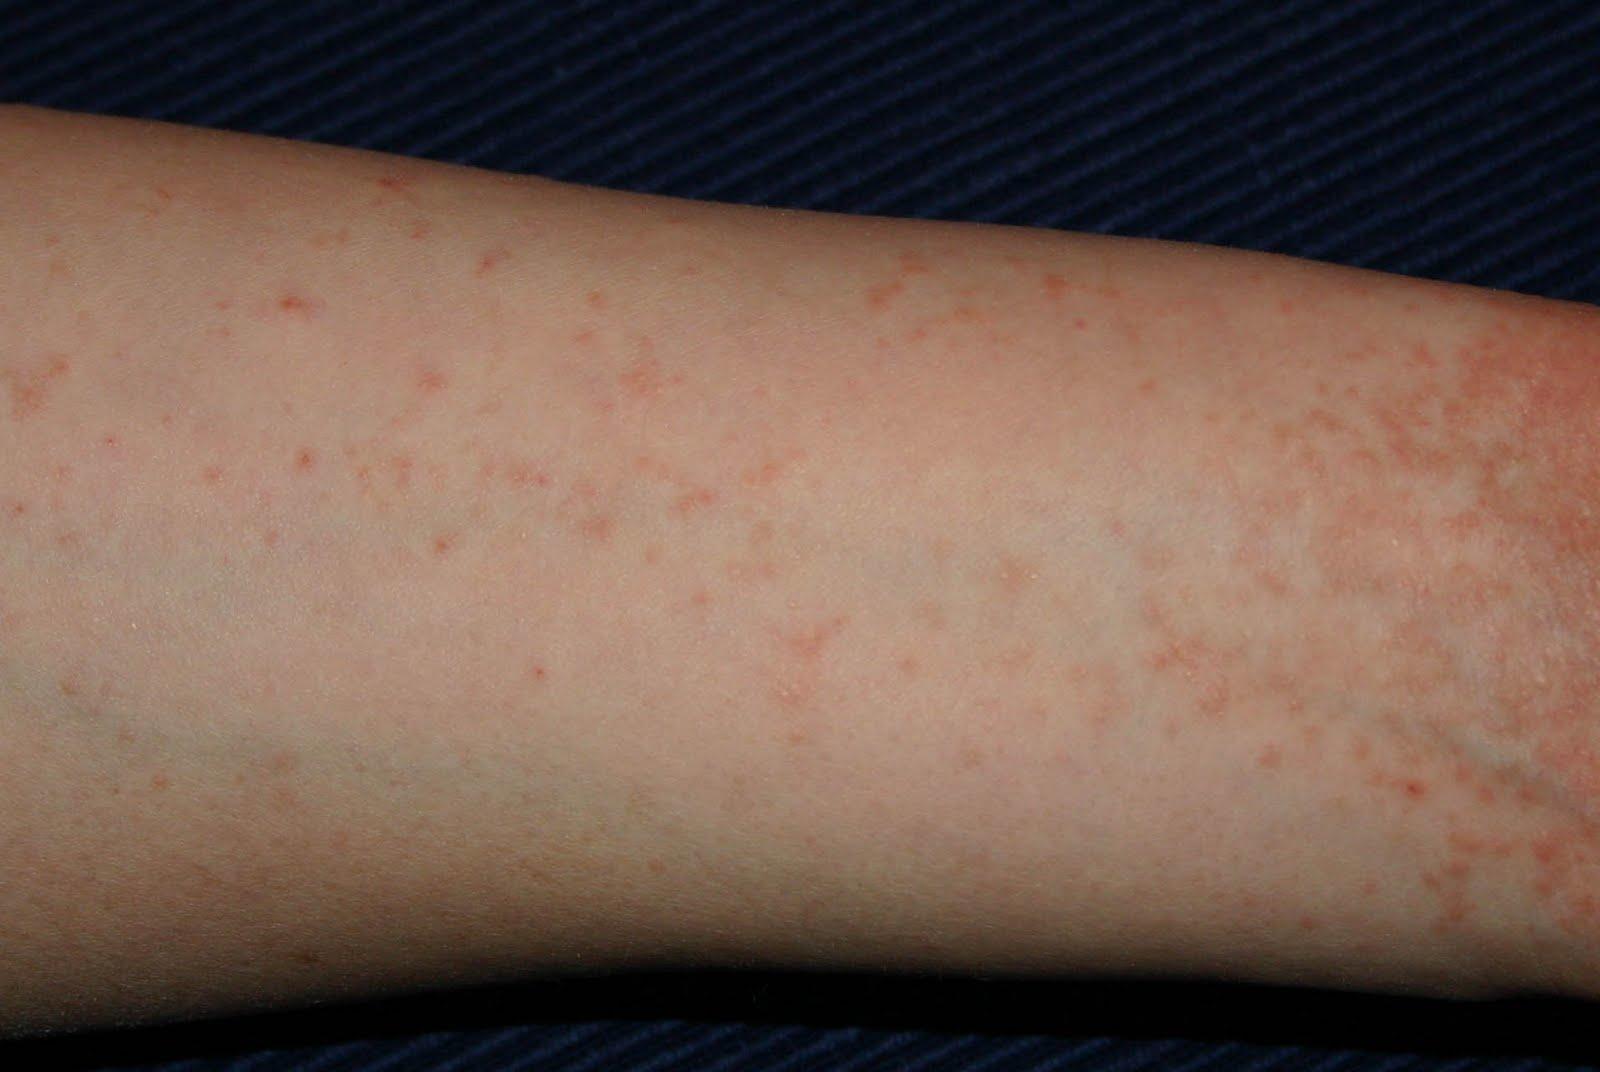 vörös foltok a testen éjszaka viszketnek pikkelysömör kezelése Lengyelországban